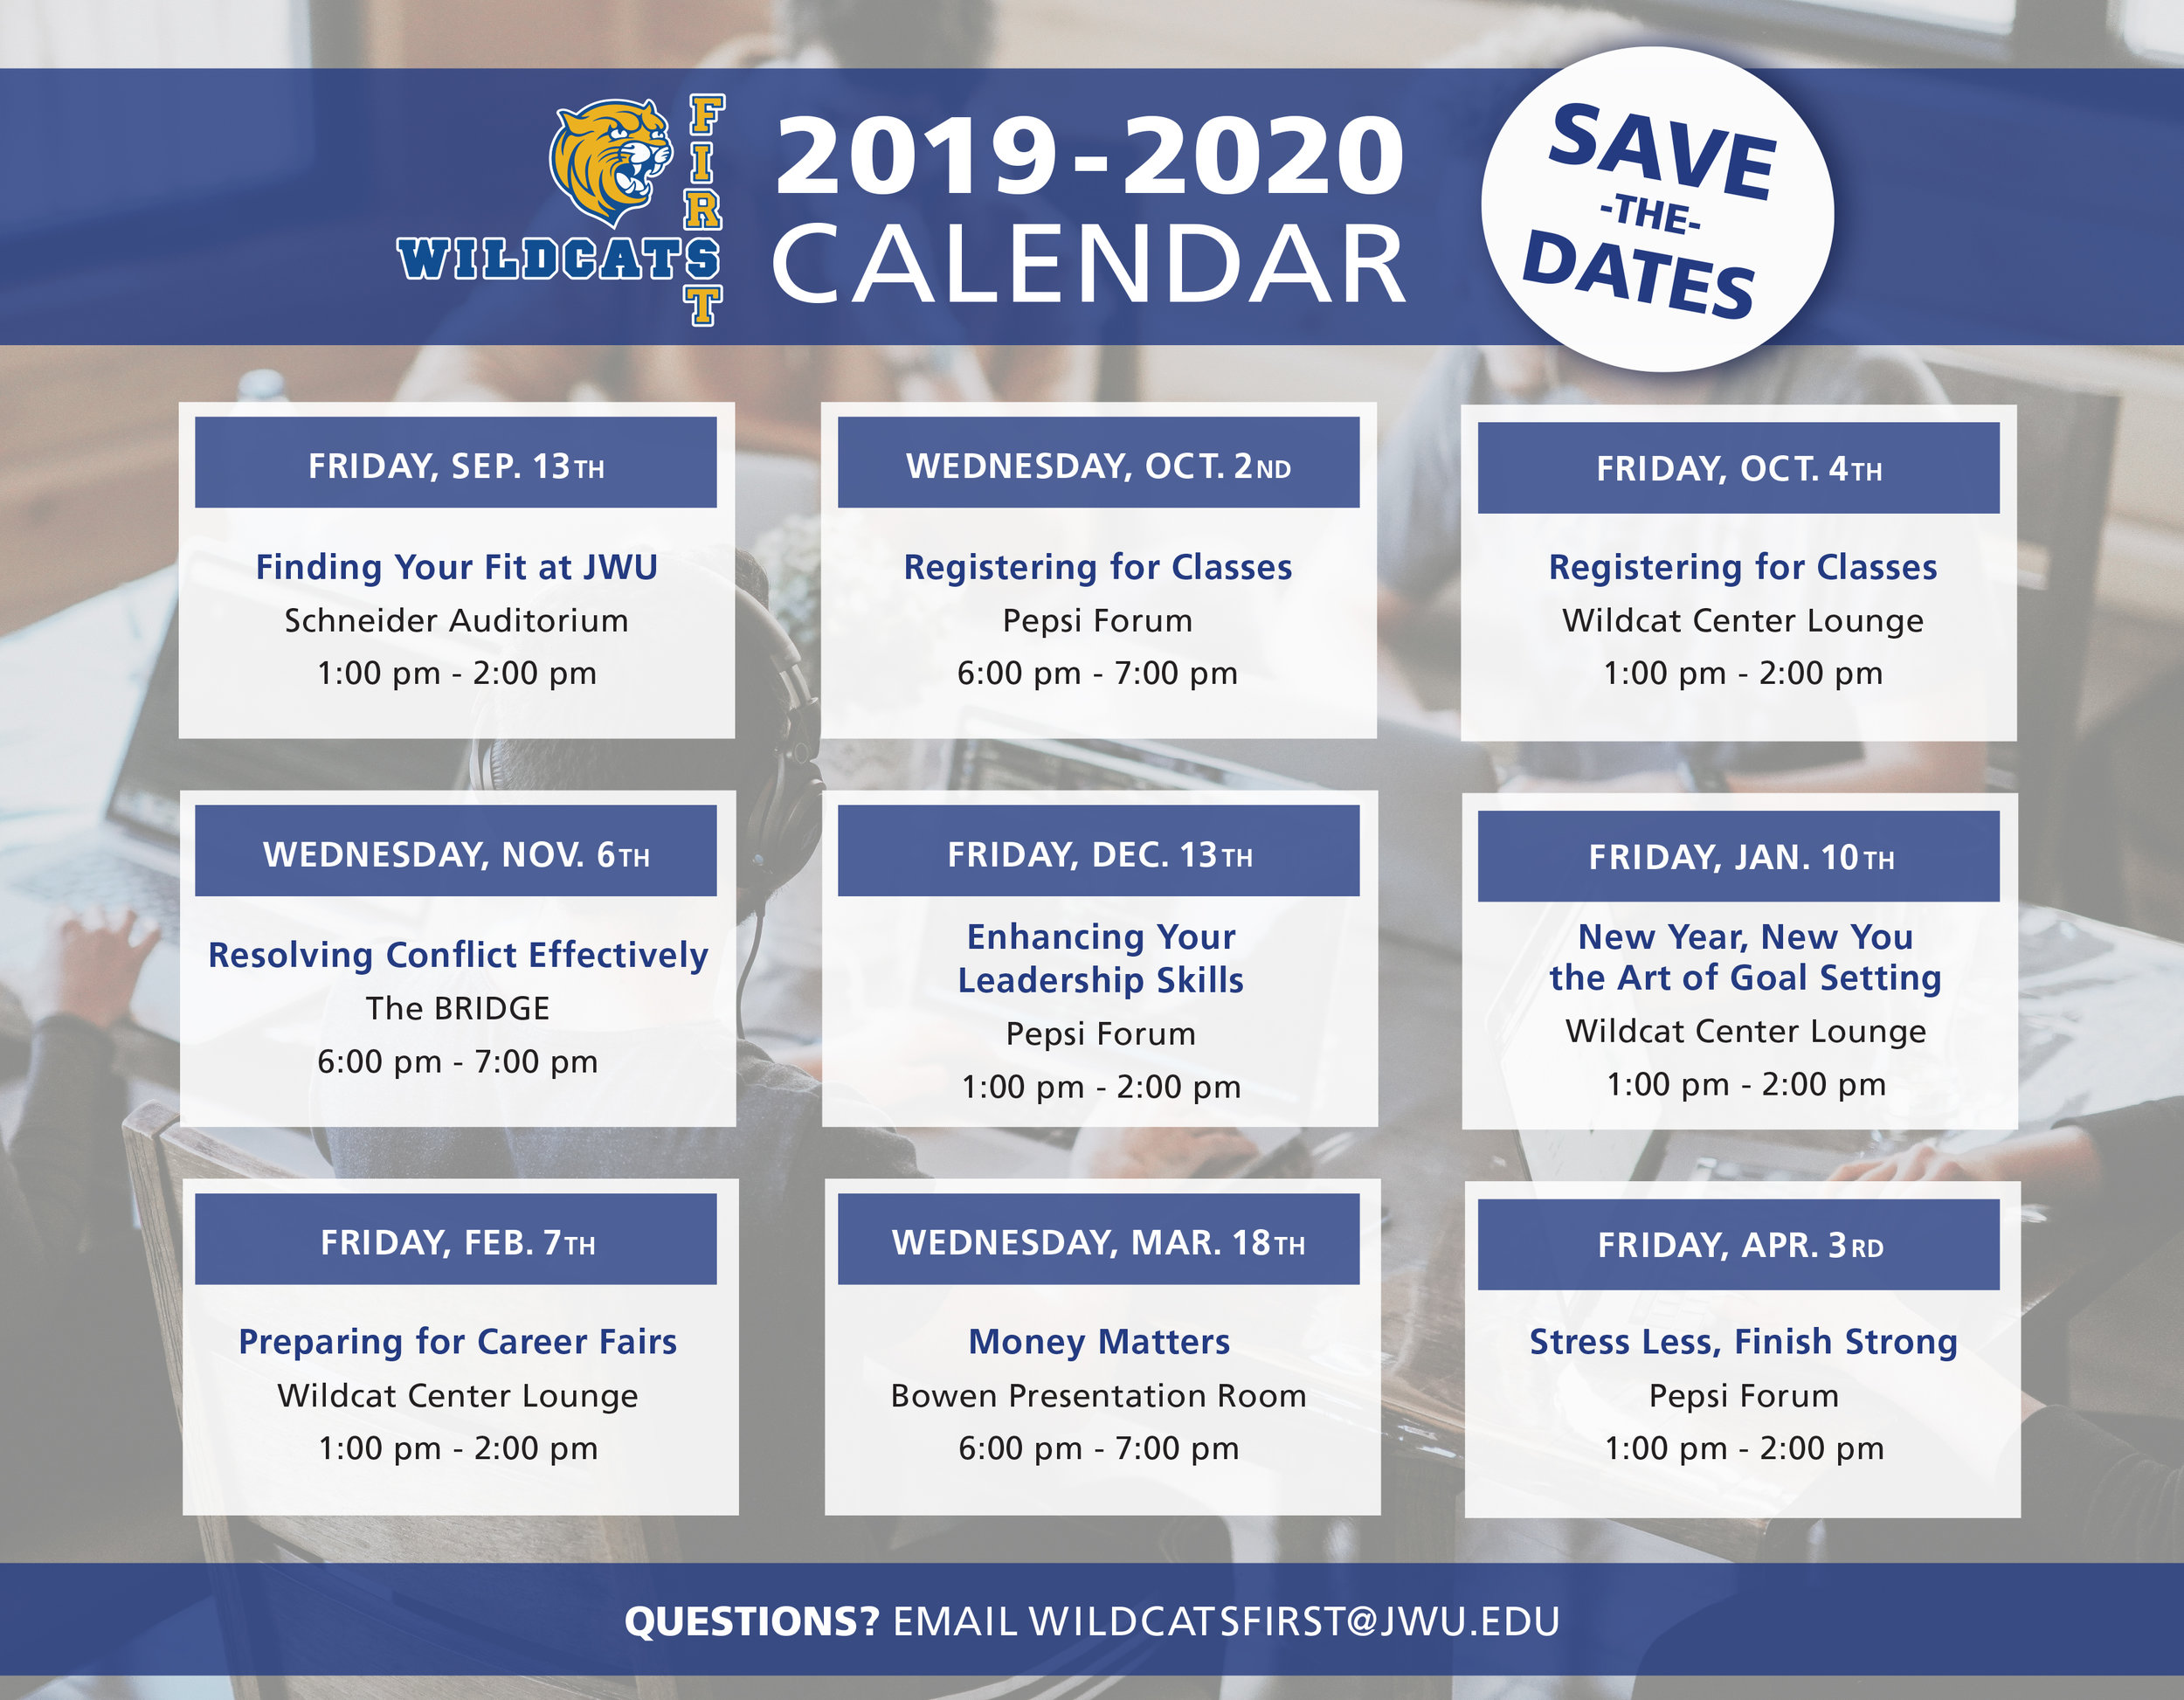 Wildcats First Calendar 19-20.jpg